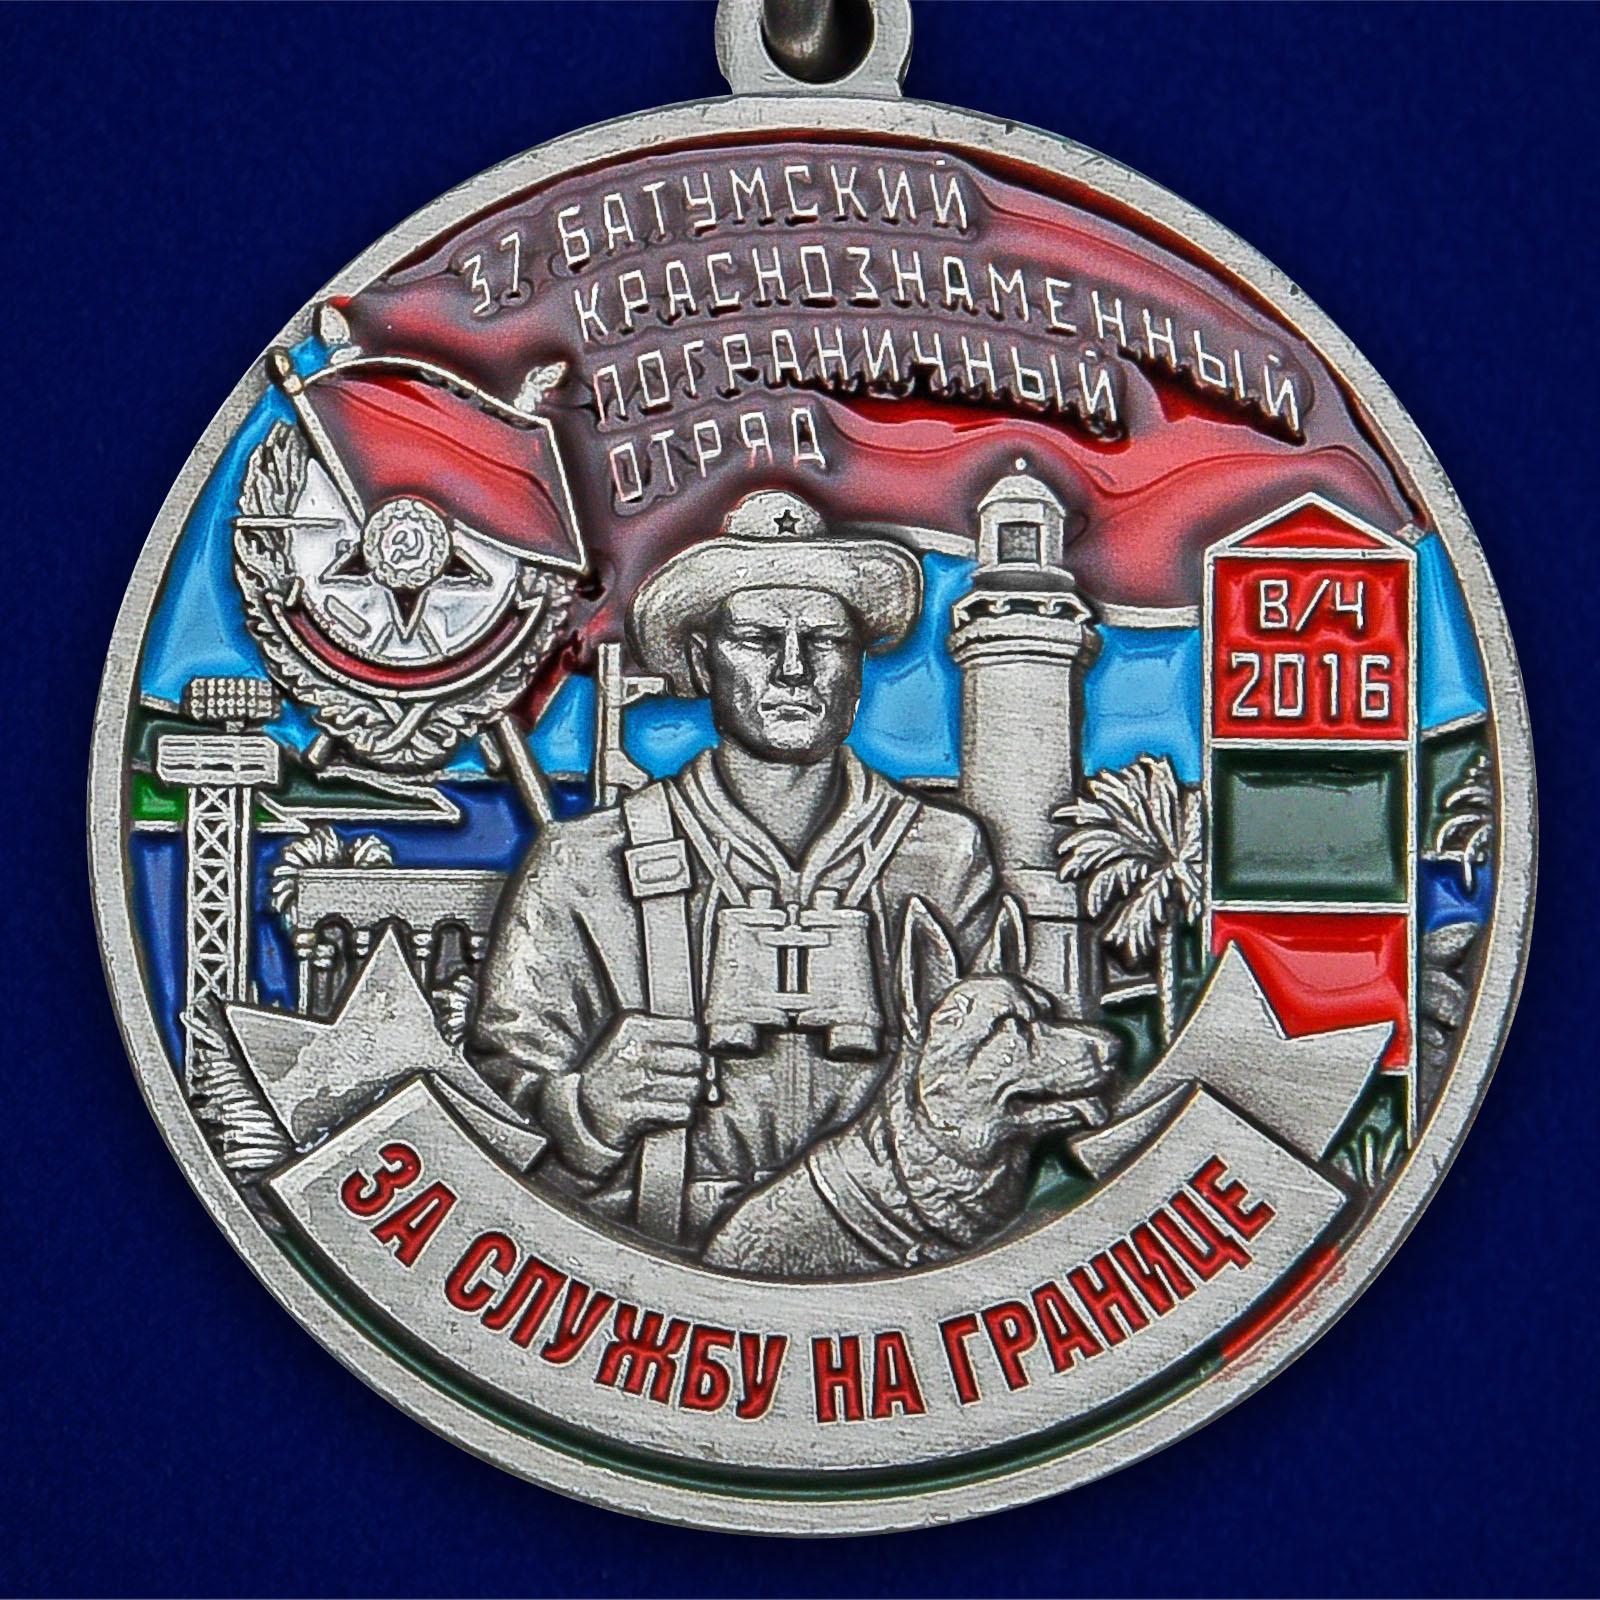 Латунная медаль За службу в Батумском пограничном отряде